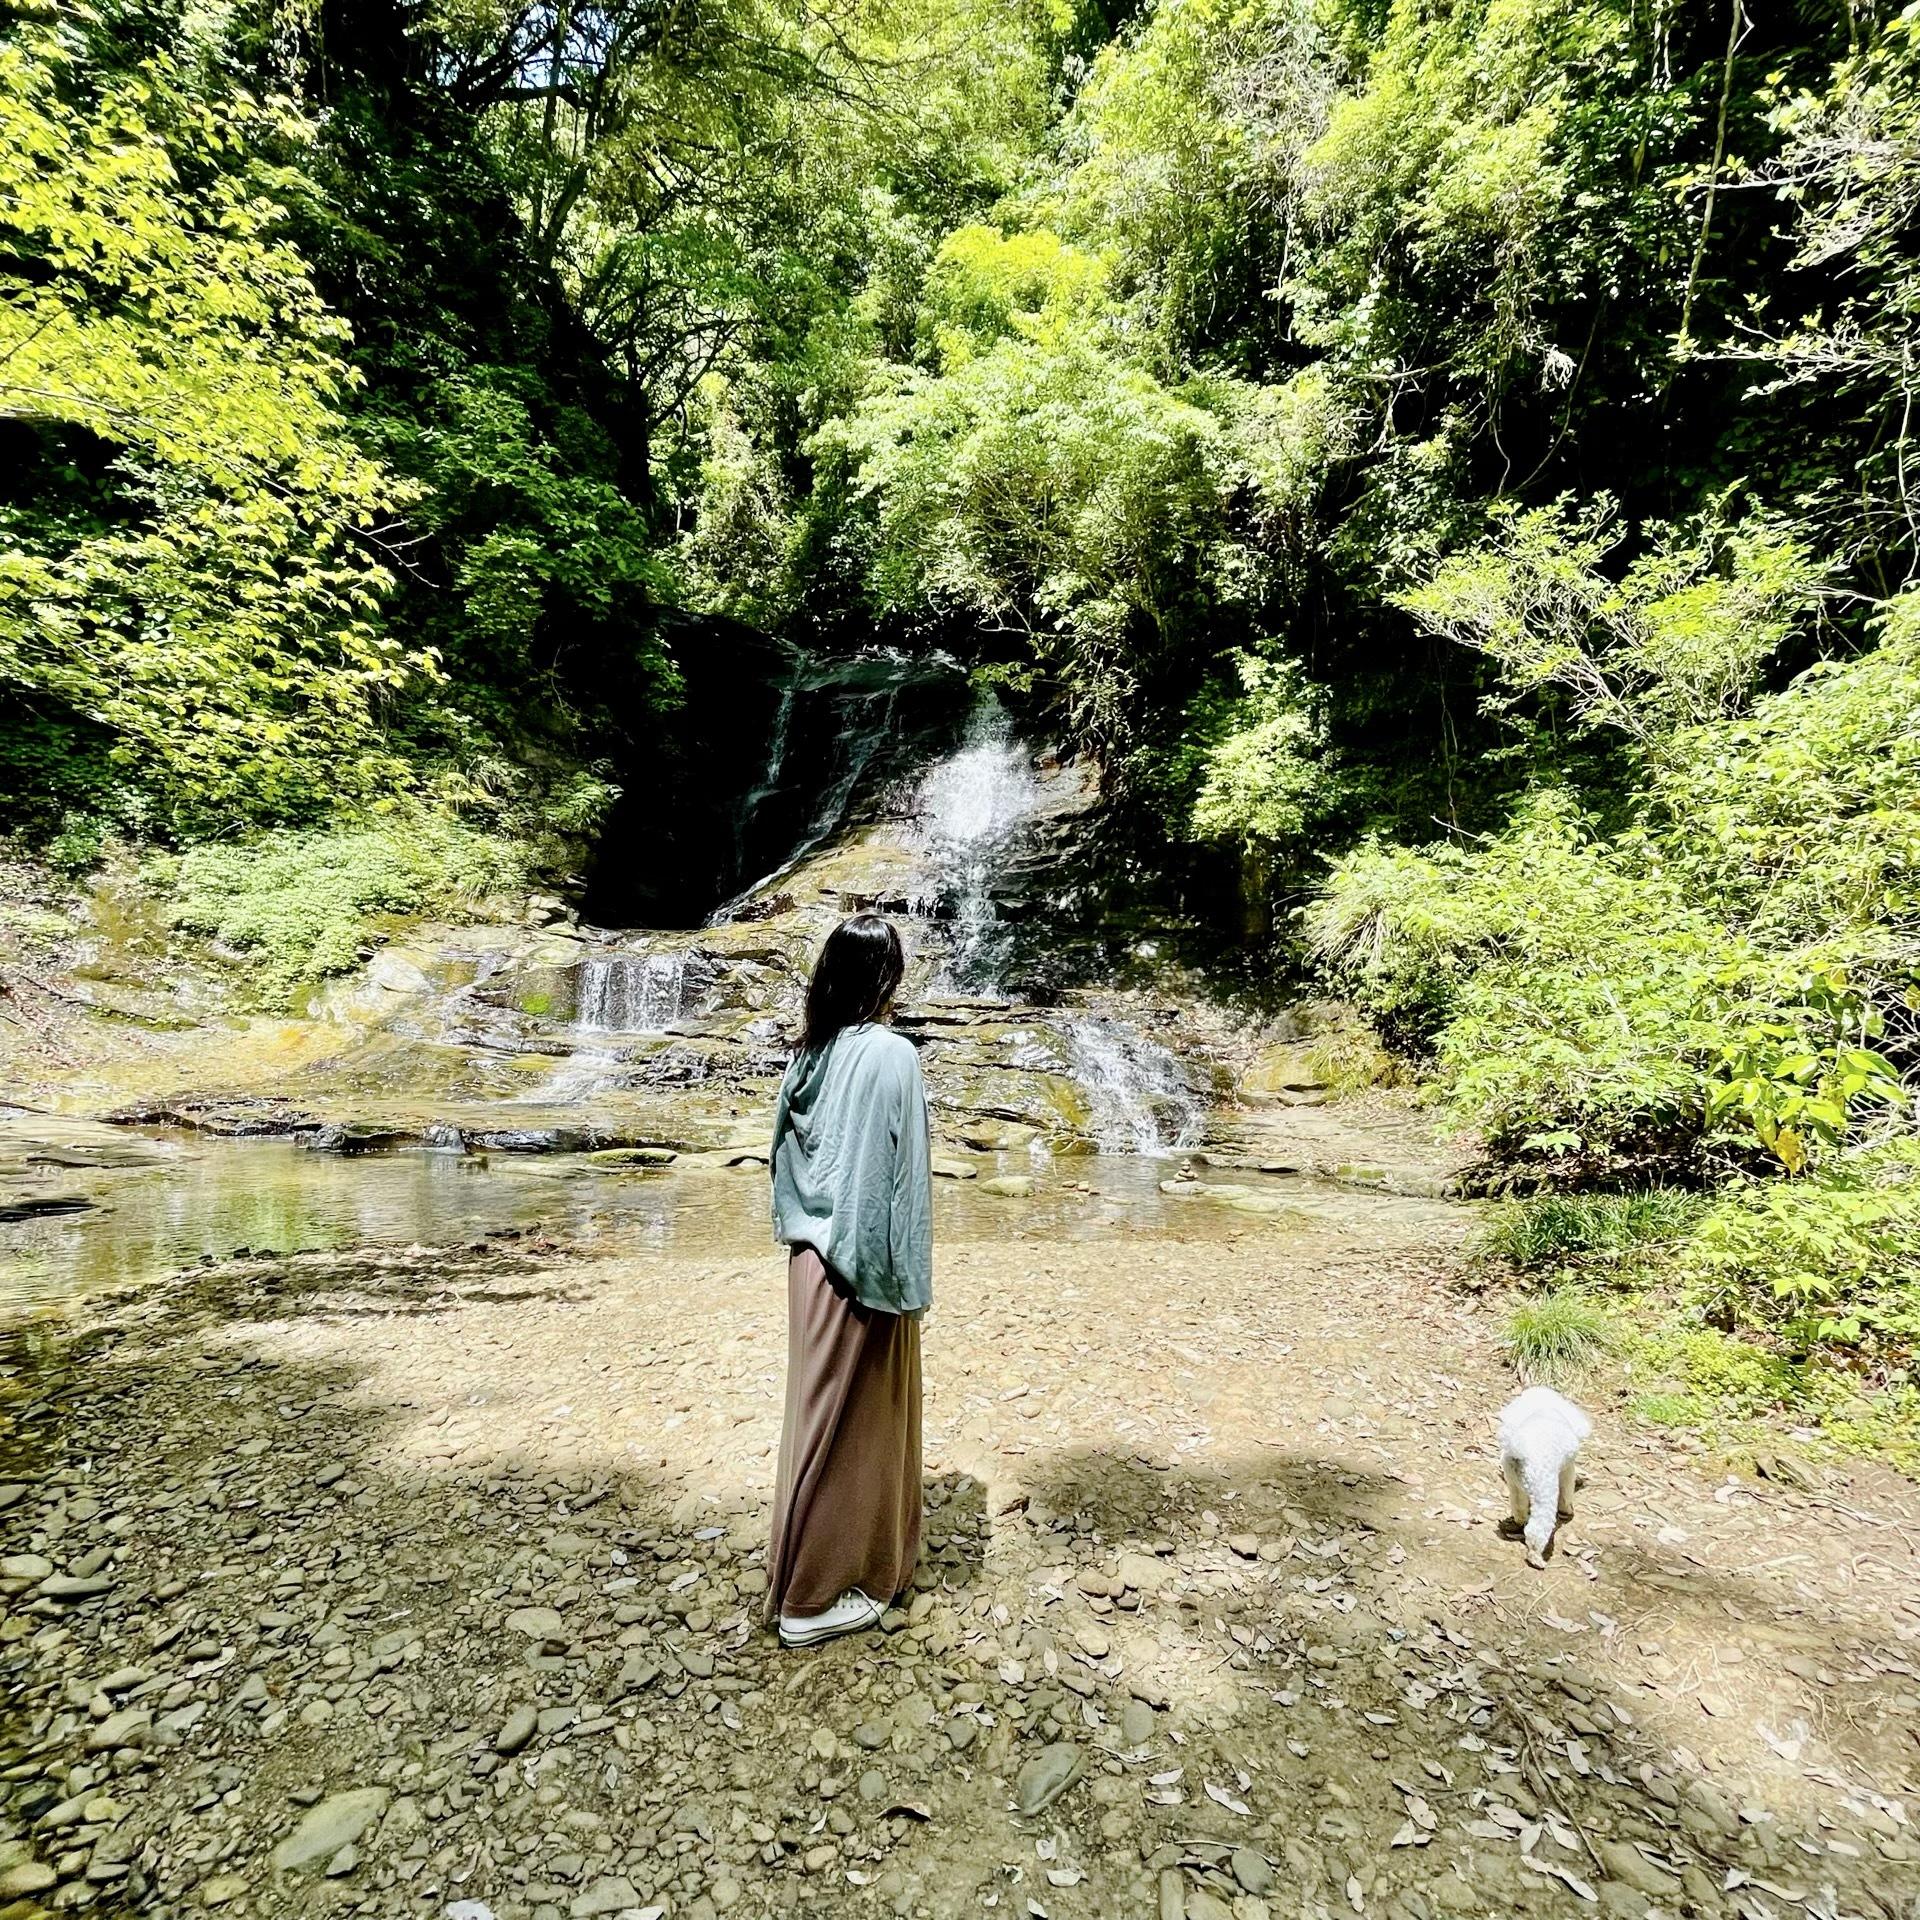 千葉の養老渓谷「万代の滝」、私、愛犬ハッピー